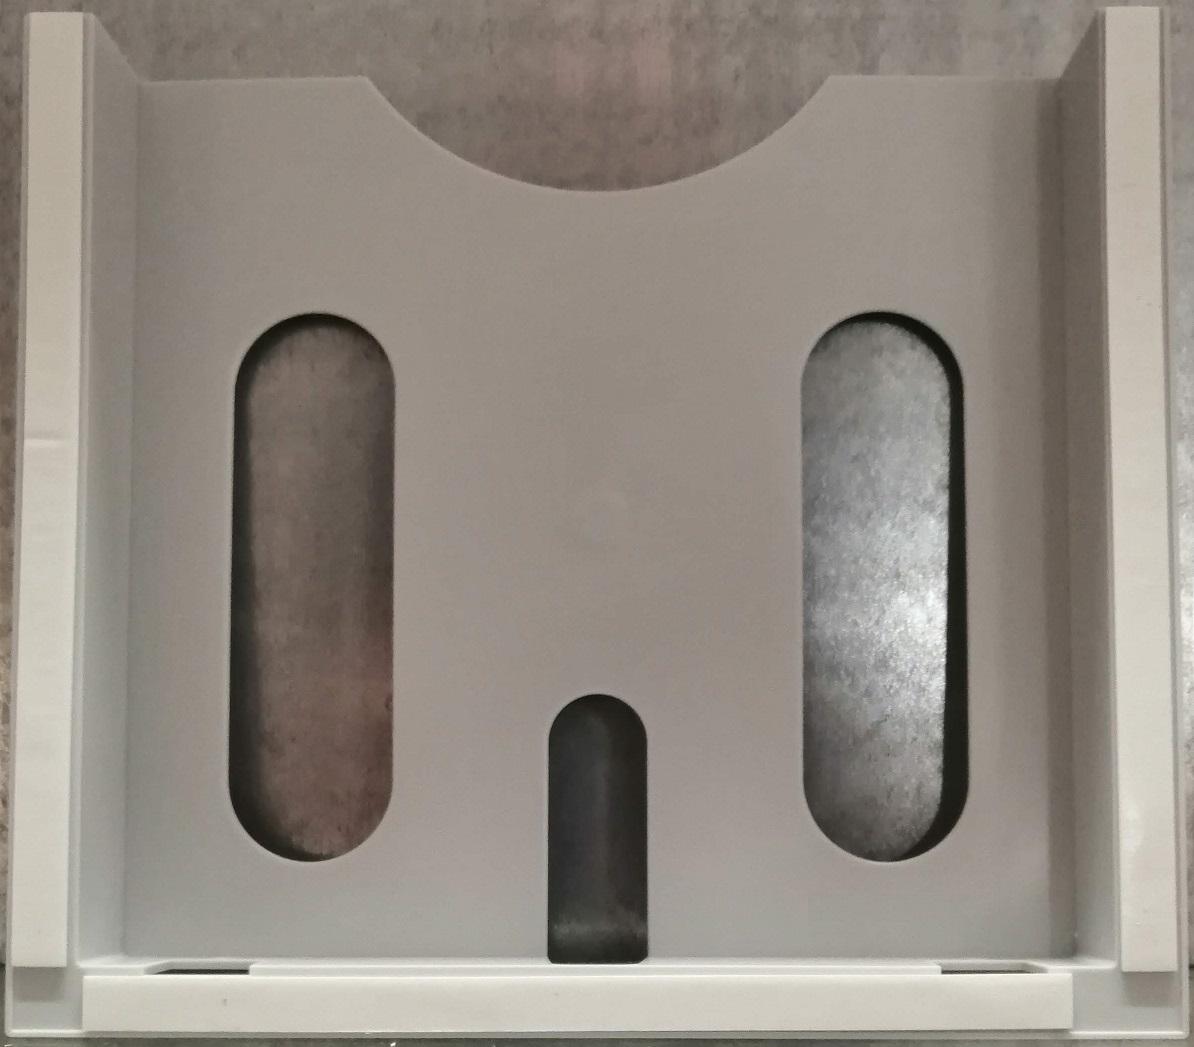 kunststoff schaltplantasche a4 selbstklebend hellgrau. Black Bedroom Furniture Sets. Home Design Ideas